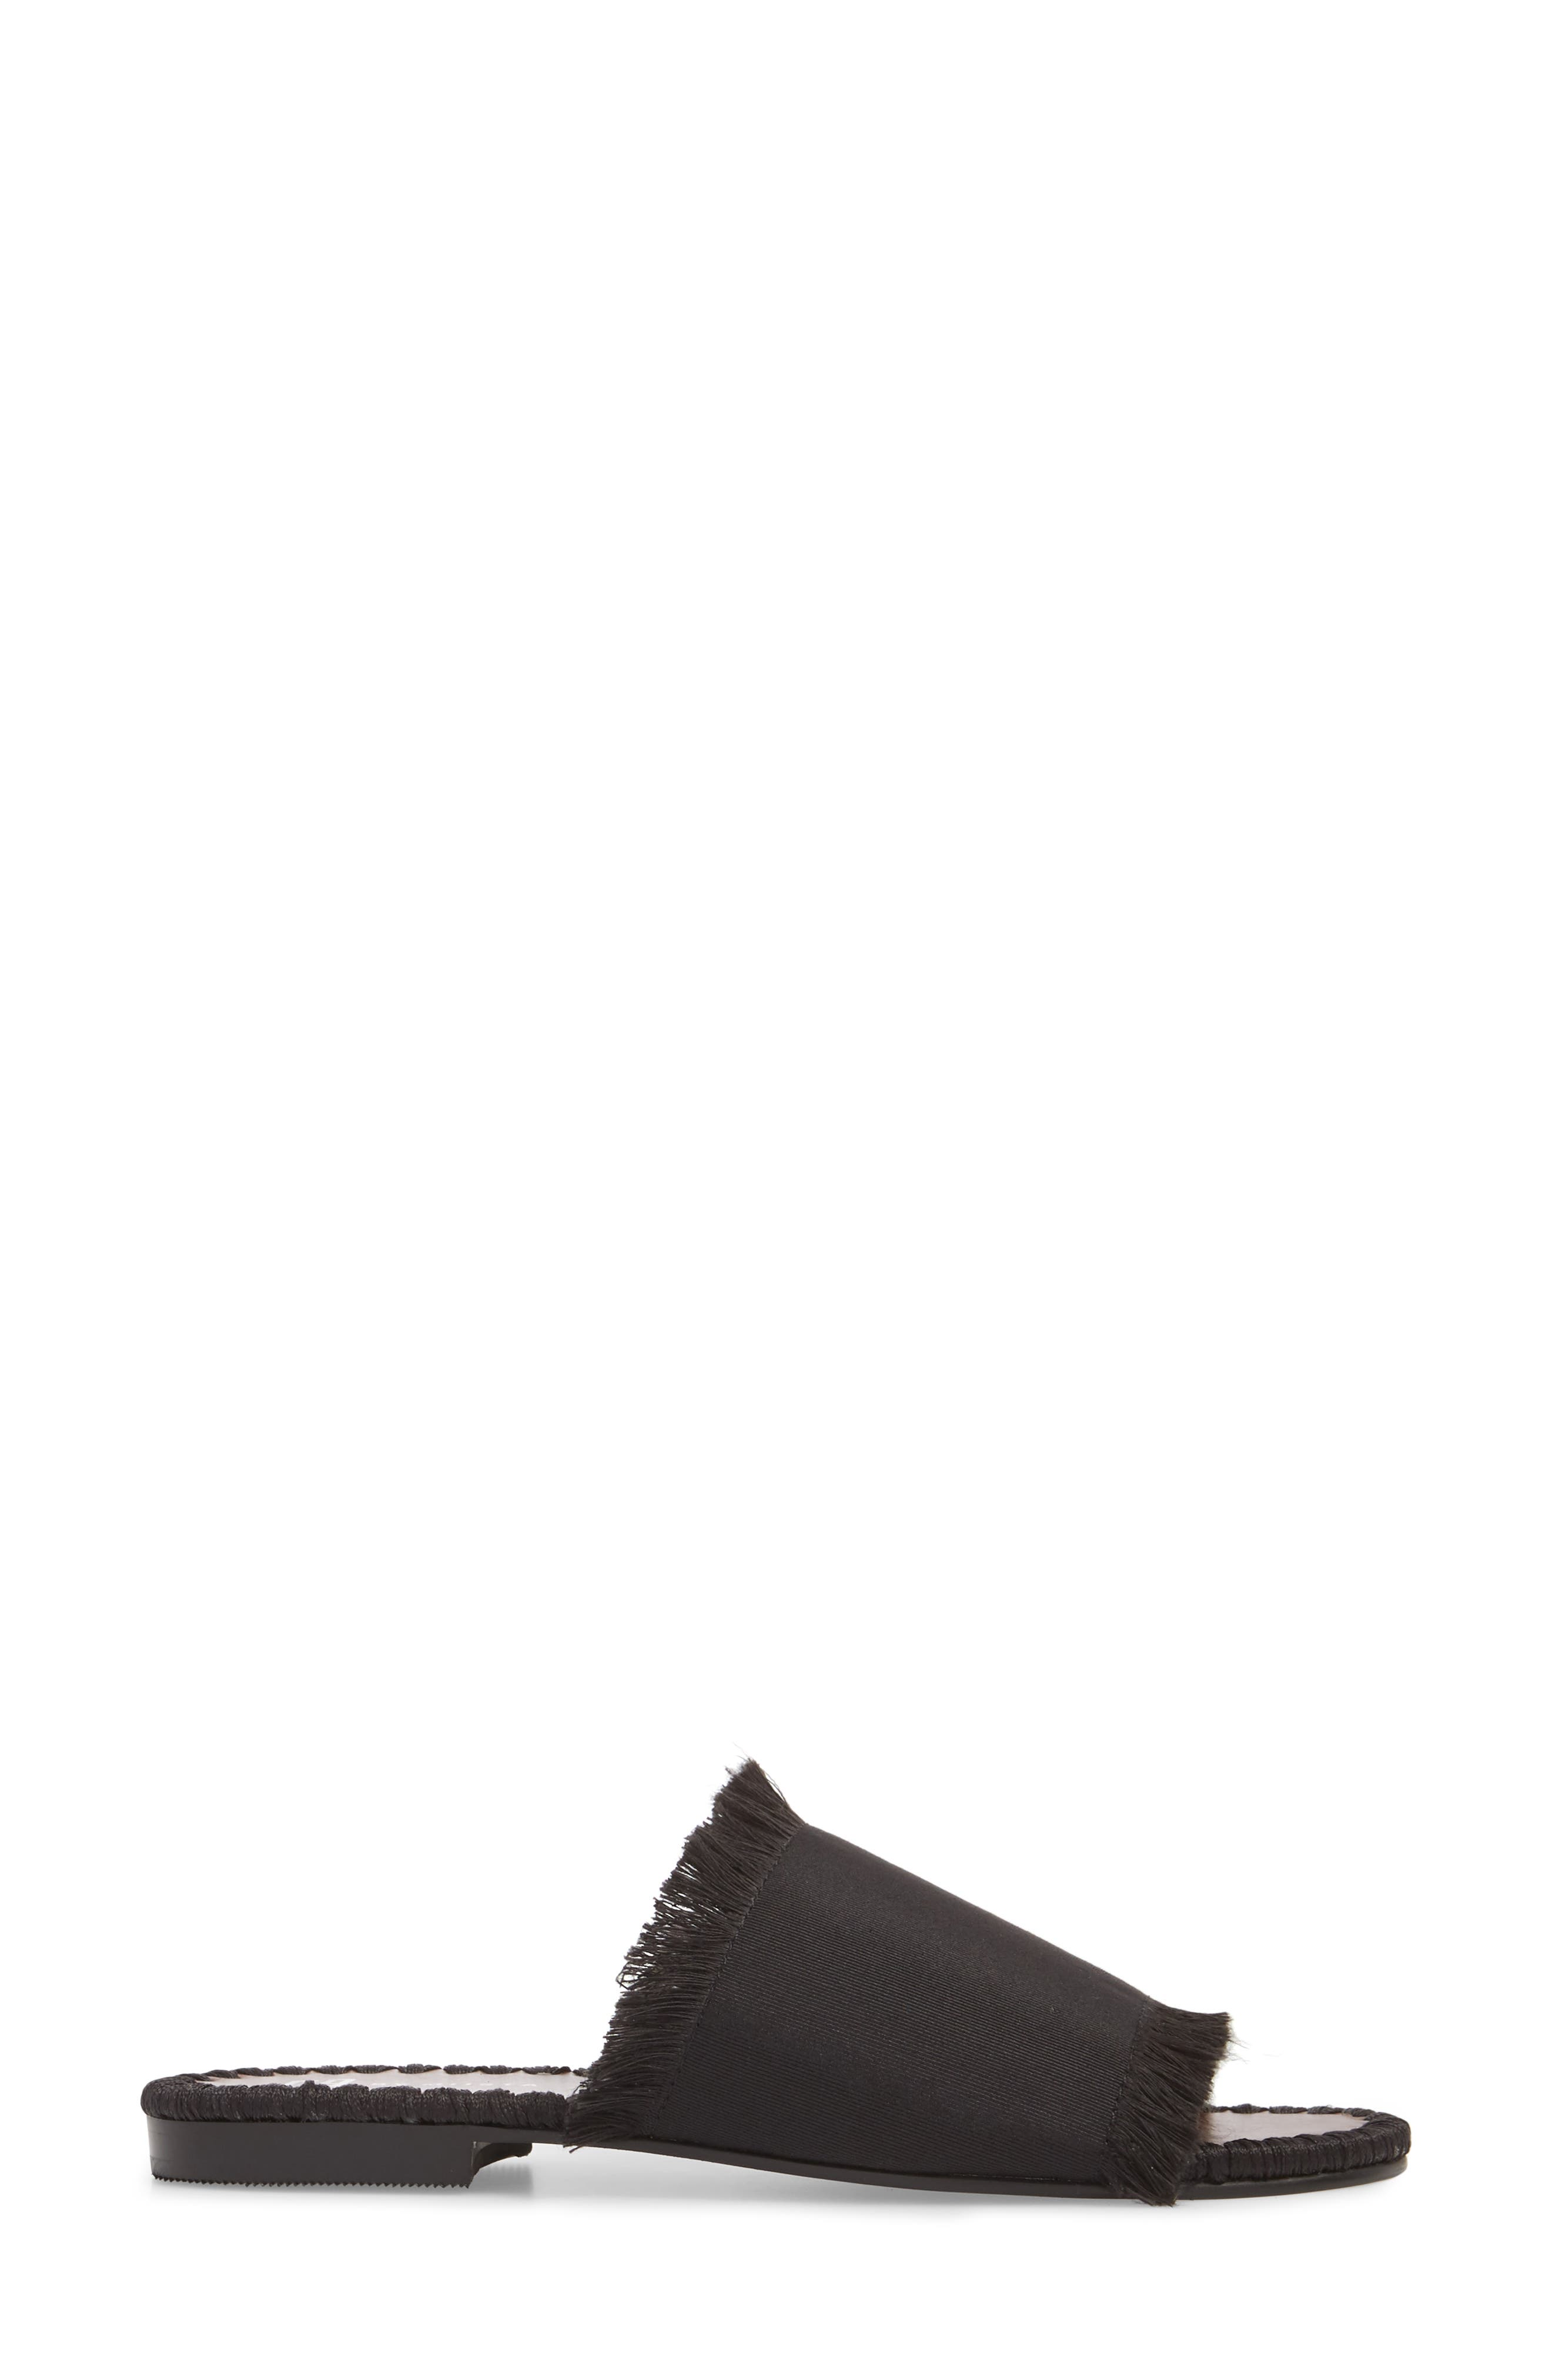 Tavie Fringed Slide Sandal,                             Alternate thumbnail 3, color,                             BLACK FABRIC